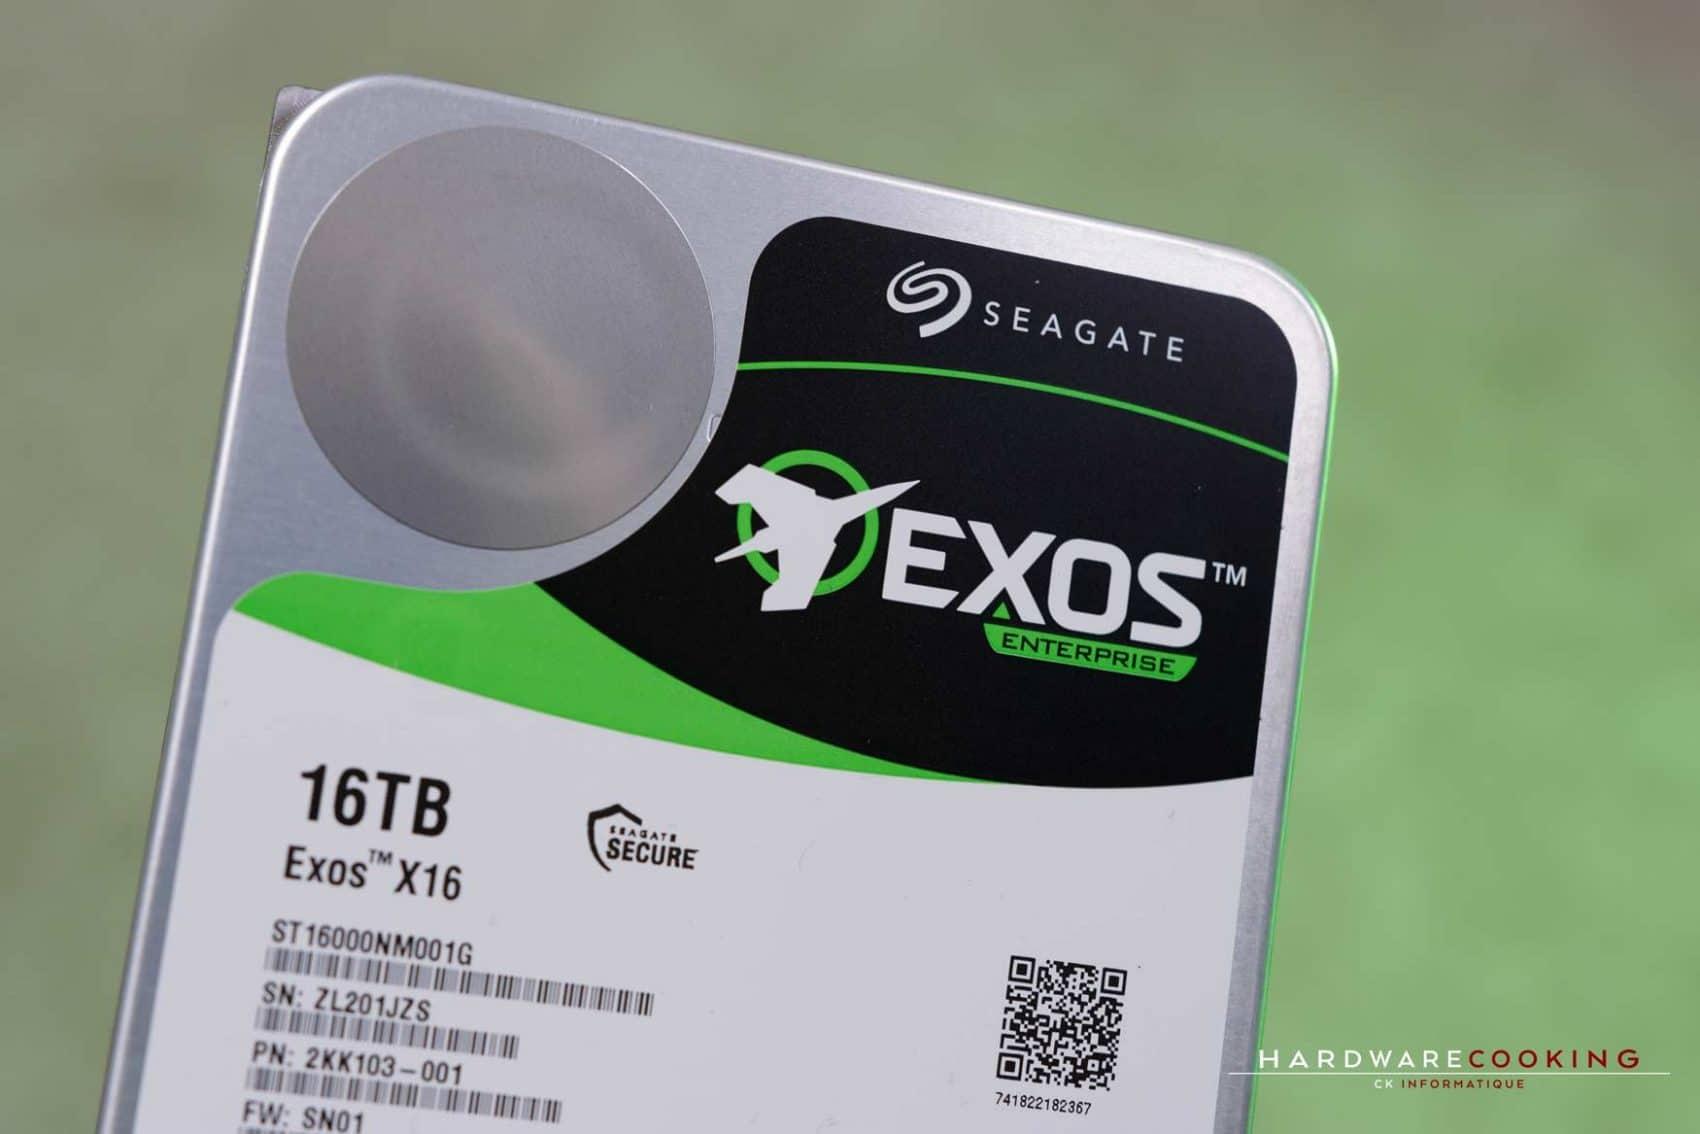 Test HDD Seagate Exos X16